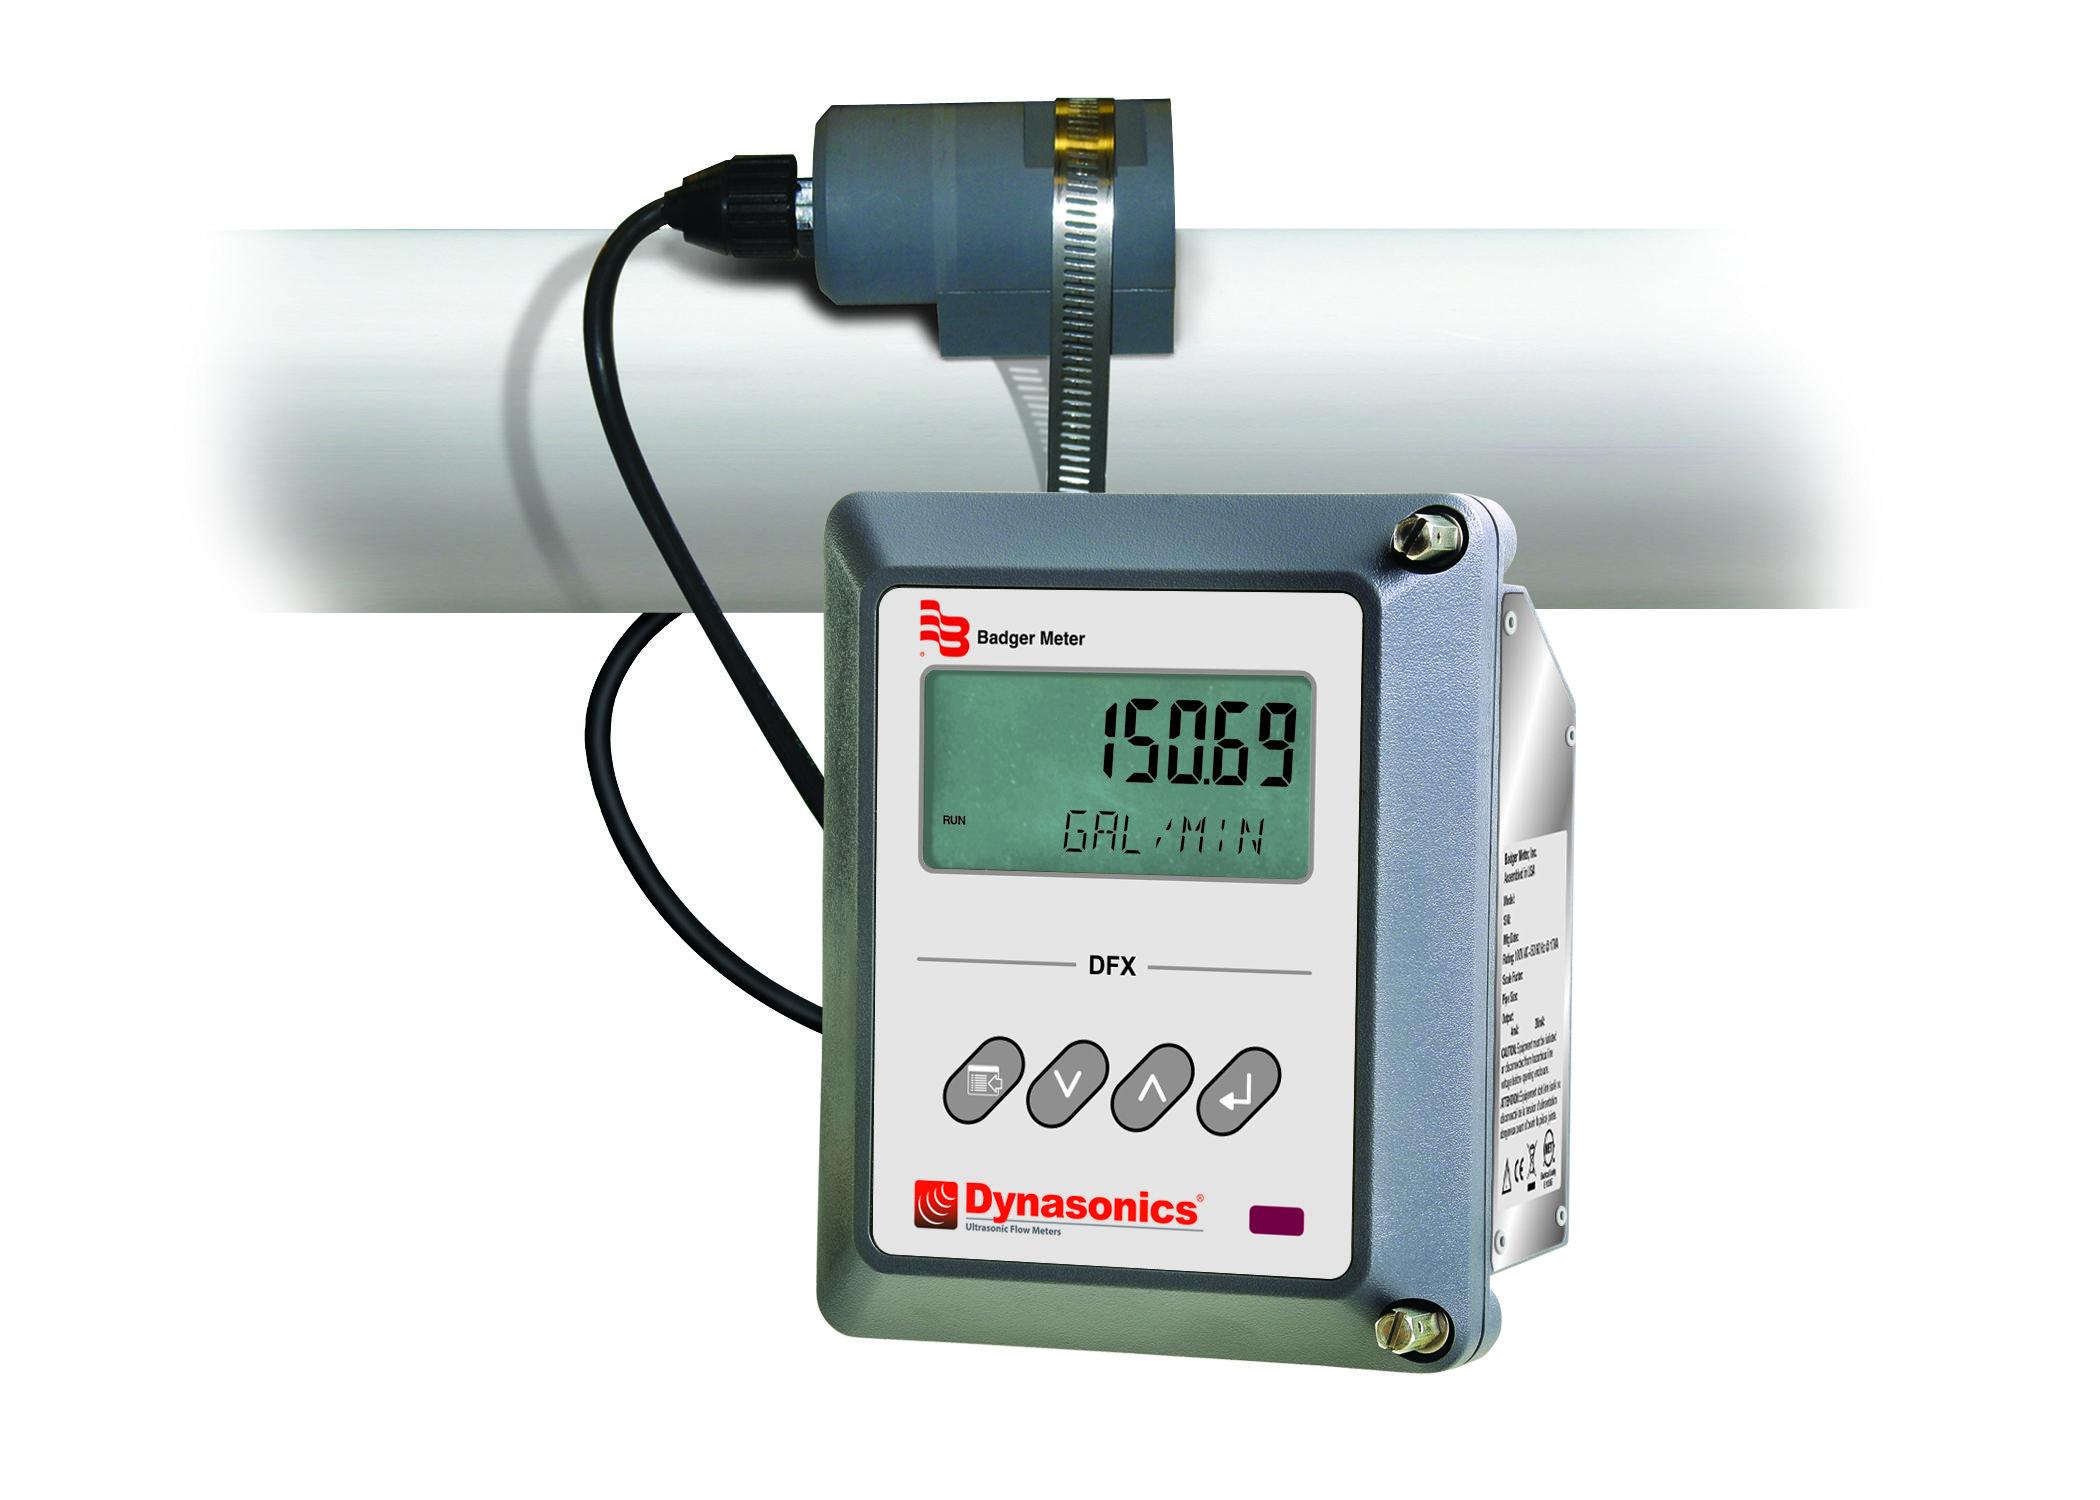 Dynasonics Dfx Clamp On Ultrasonic Doppler Flow Meter